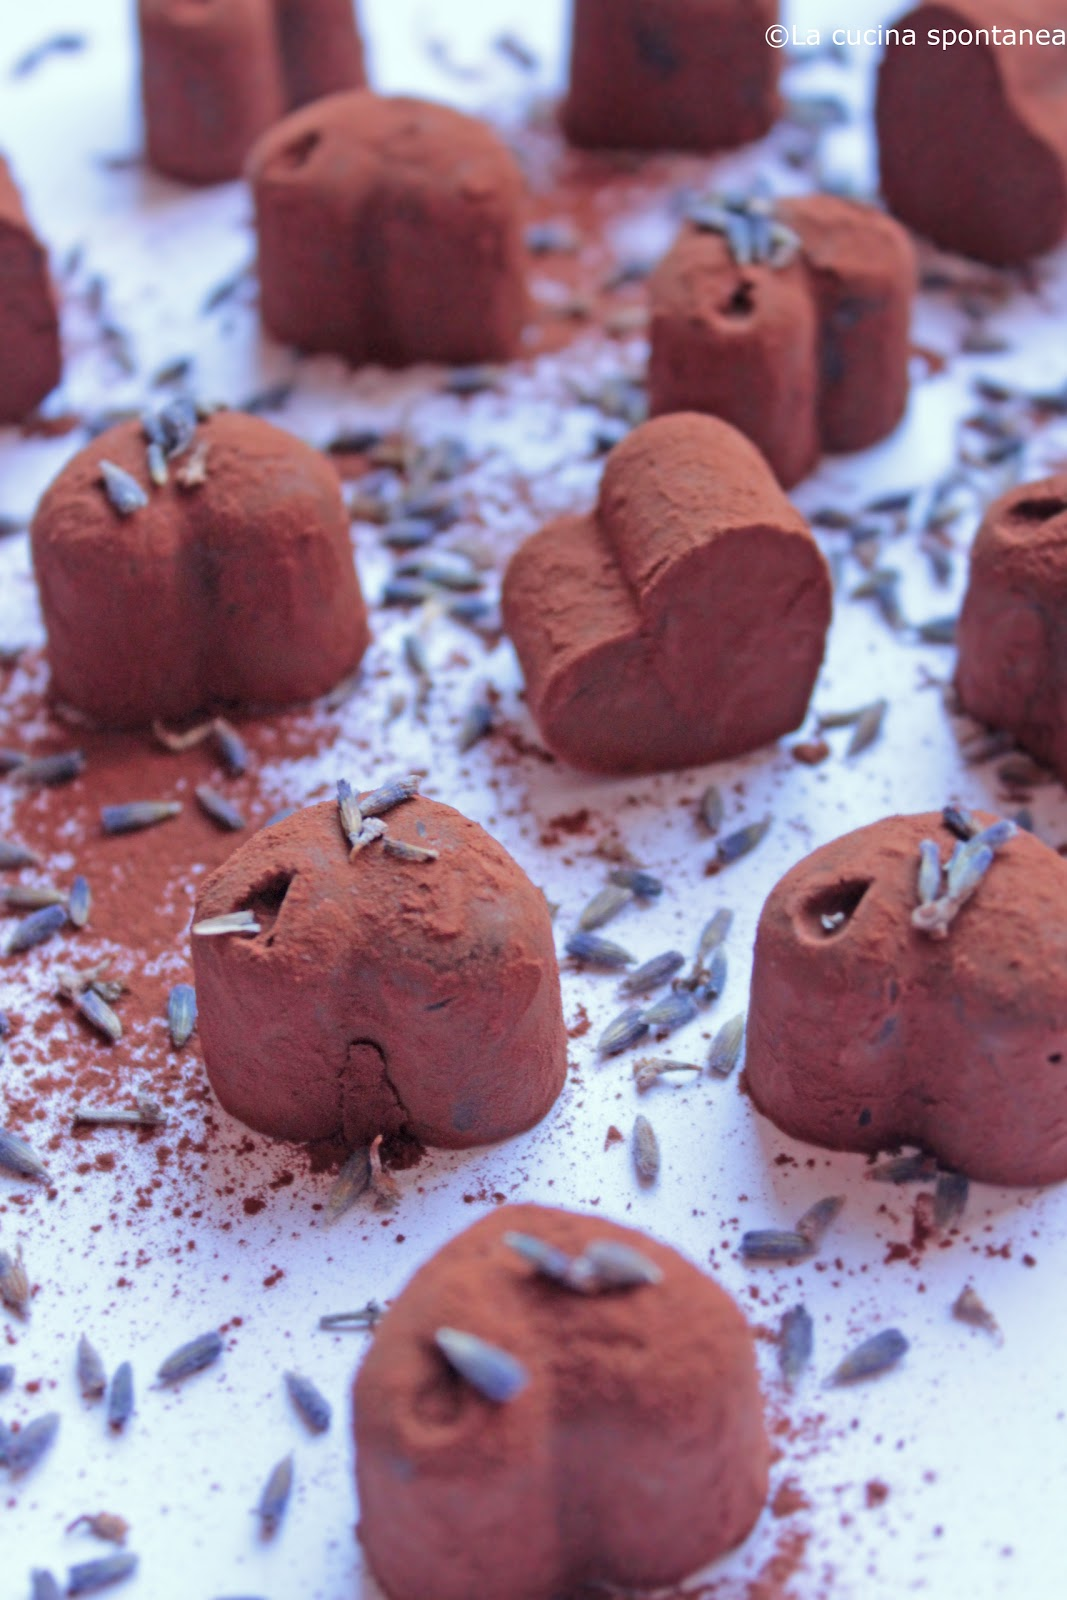 Cioccolato e lavanda - La cucina spontanea - ricette, fotografie e ...